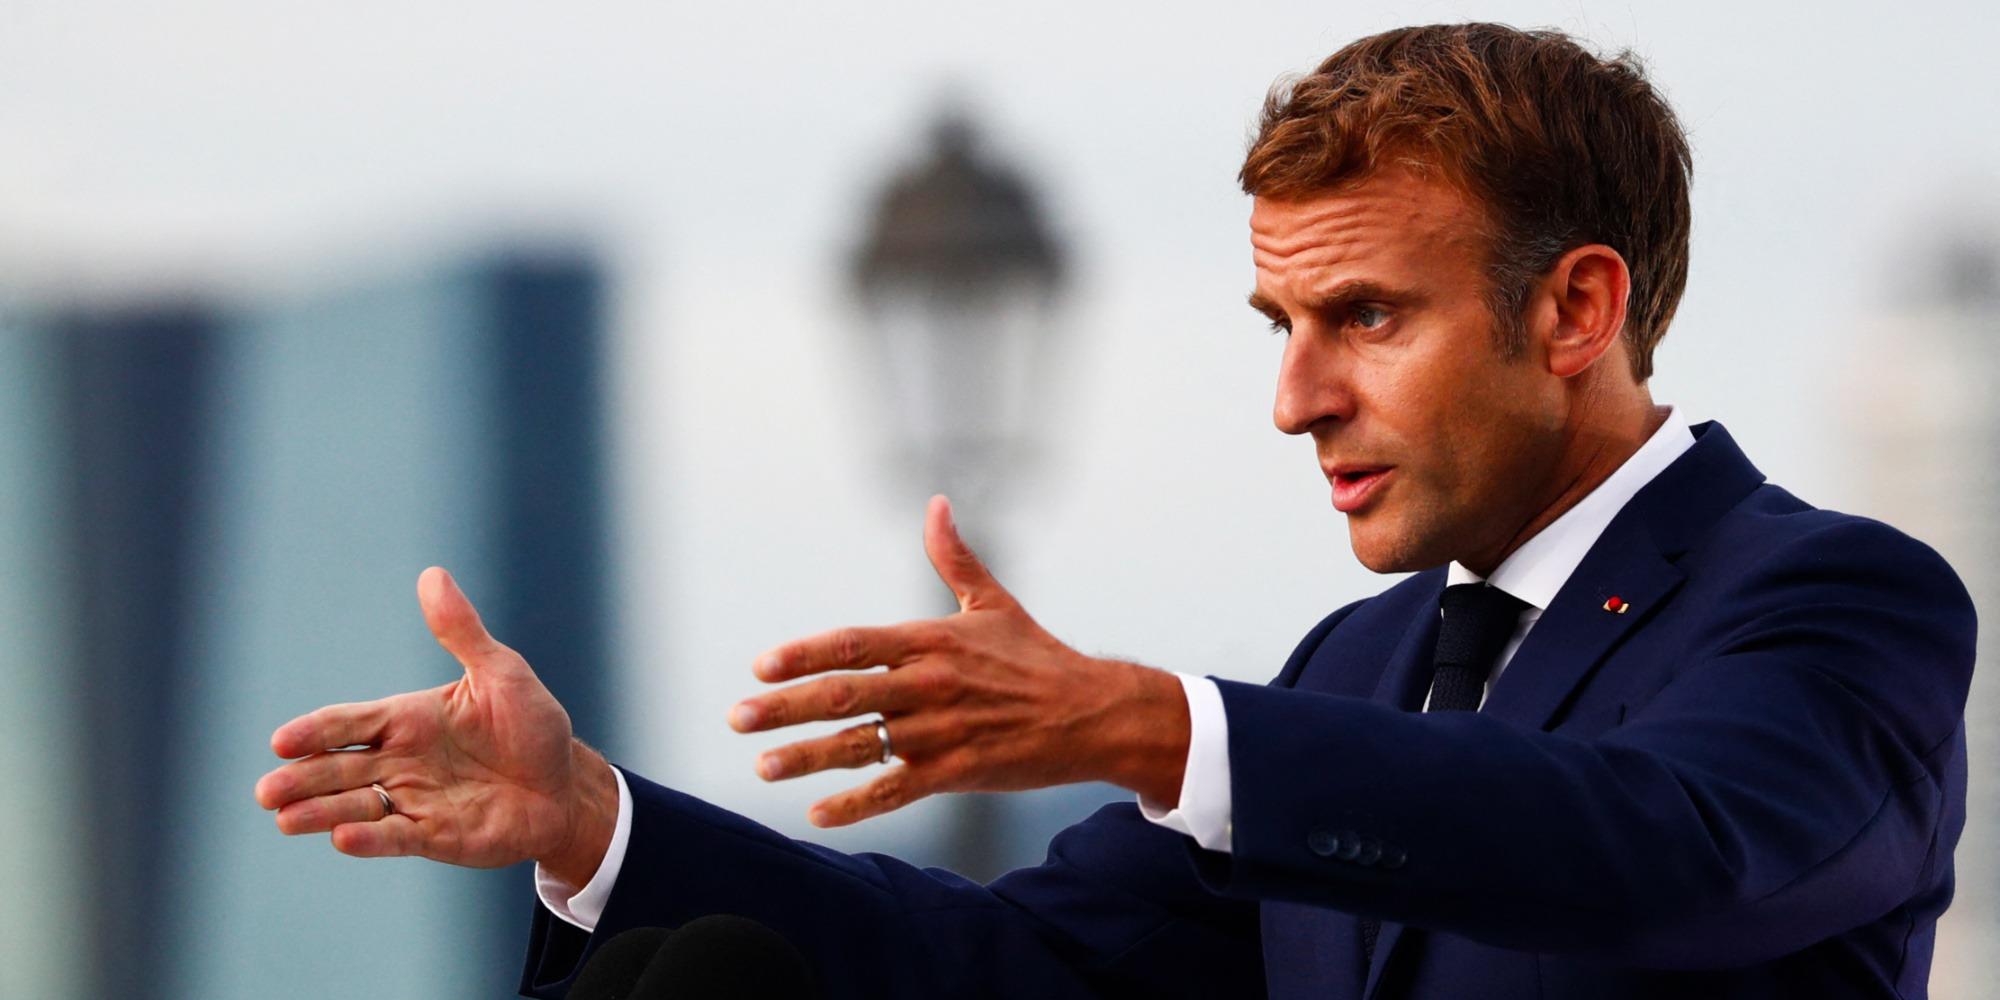 INFO EUROPE 1 - Le QR Code d'Emmanuel Macron diffusé sur internet, l'Élysée confirme son authenticité - Europe 1